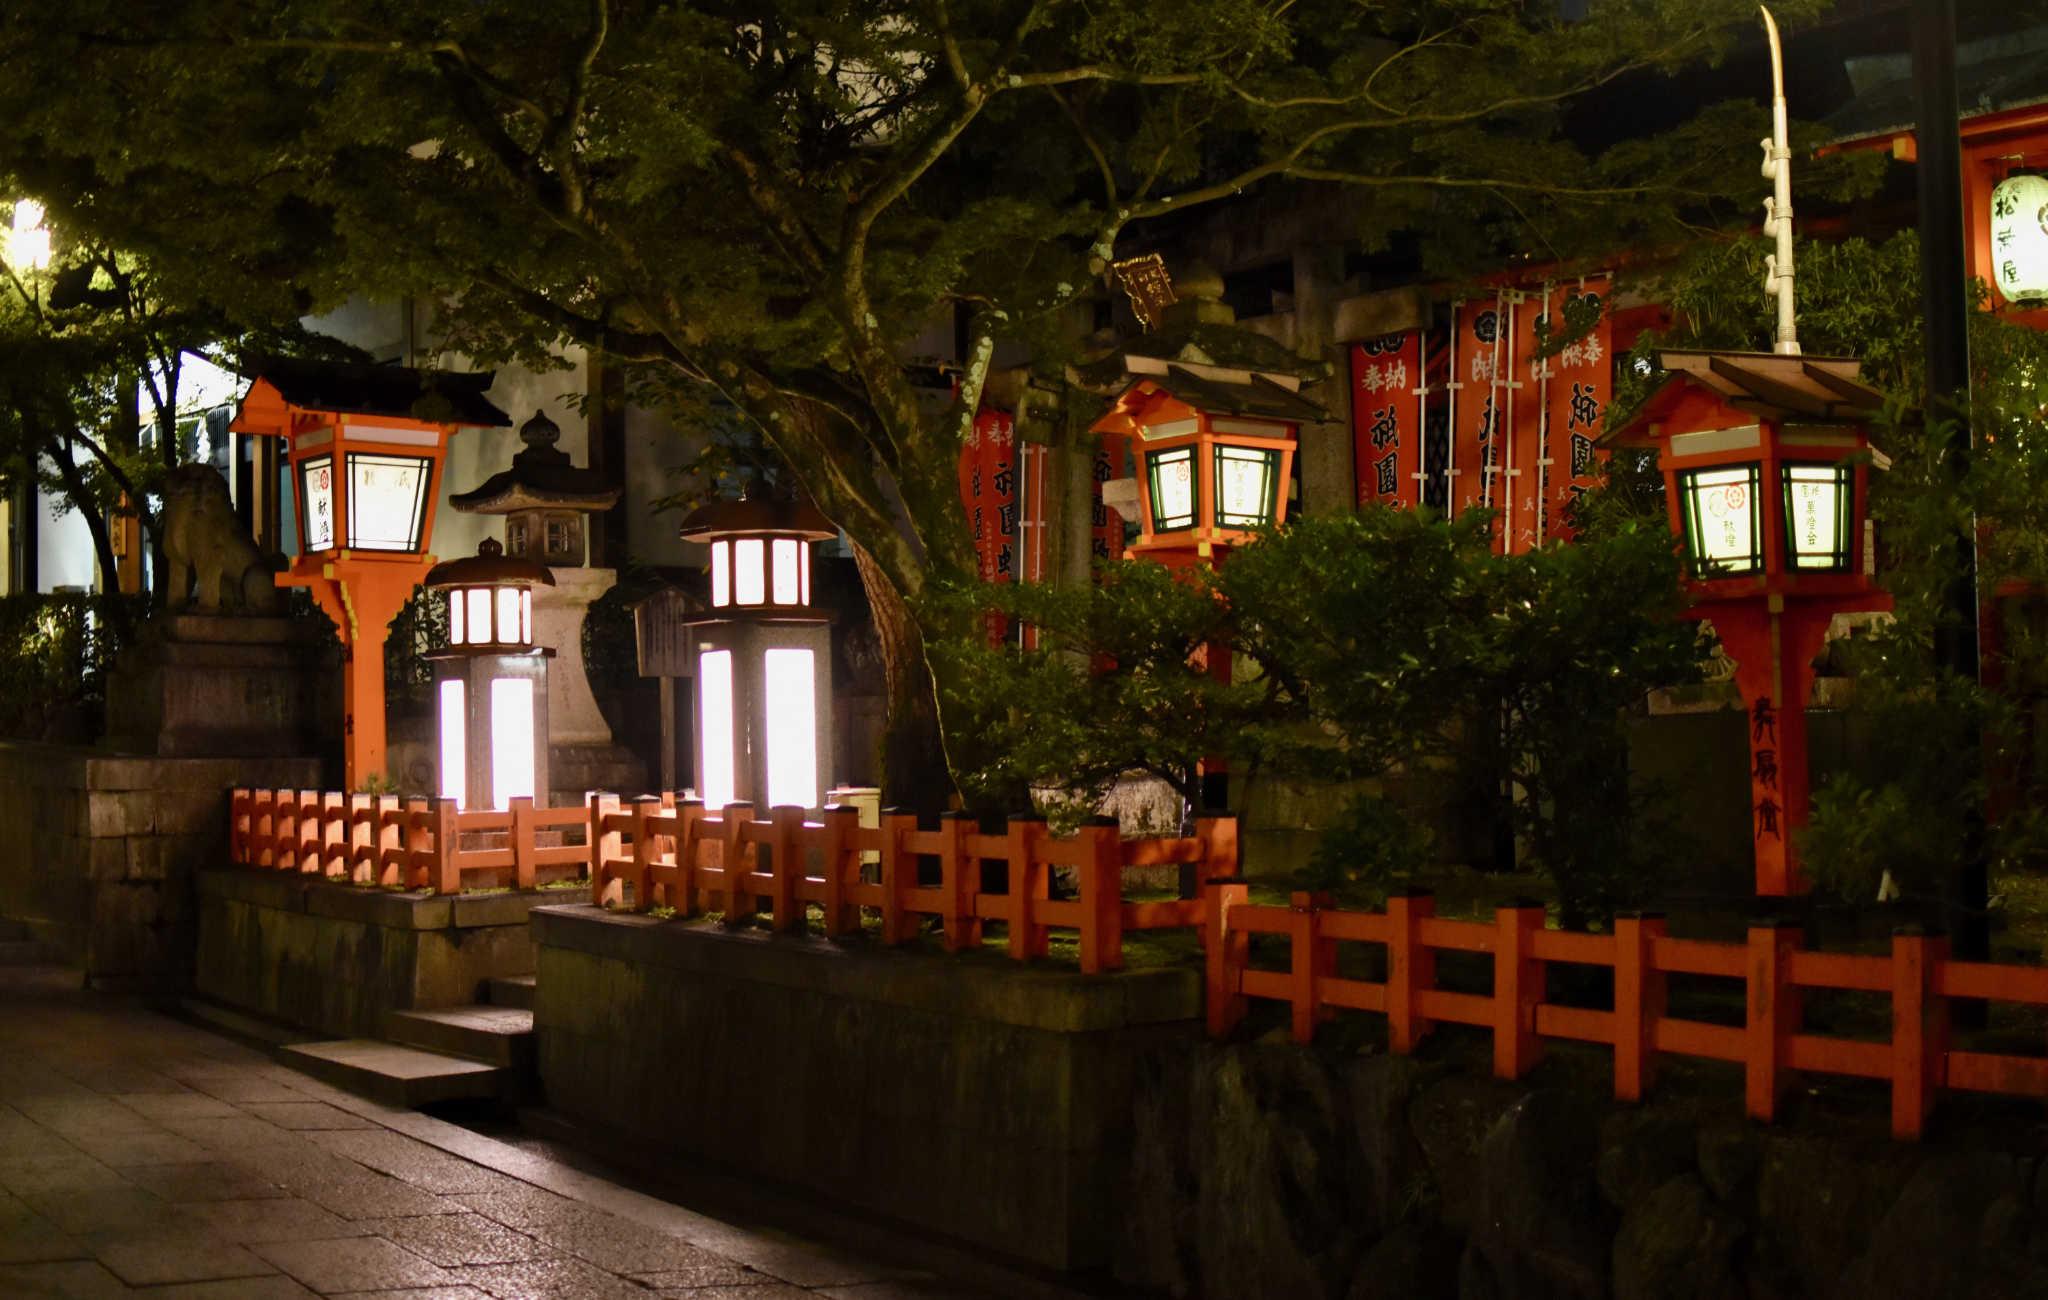 Les abords du sanctuaires sont mis enn valeur par plusieurs types de lanternes